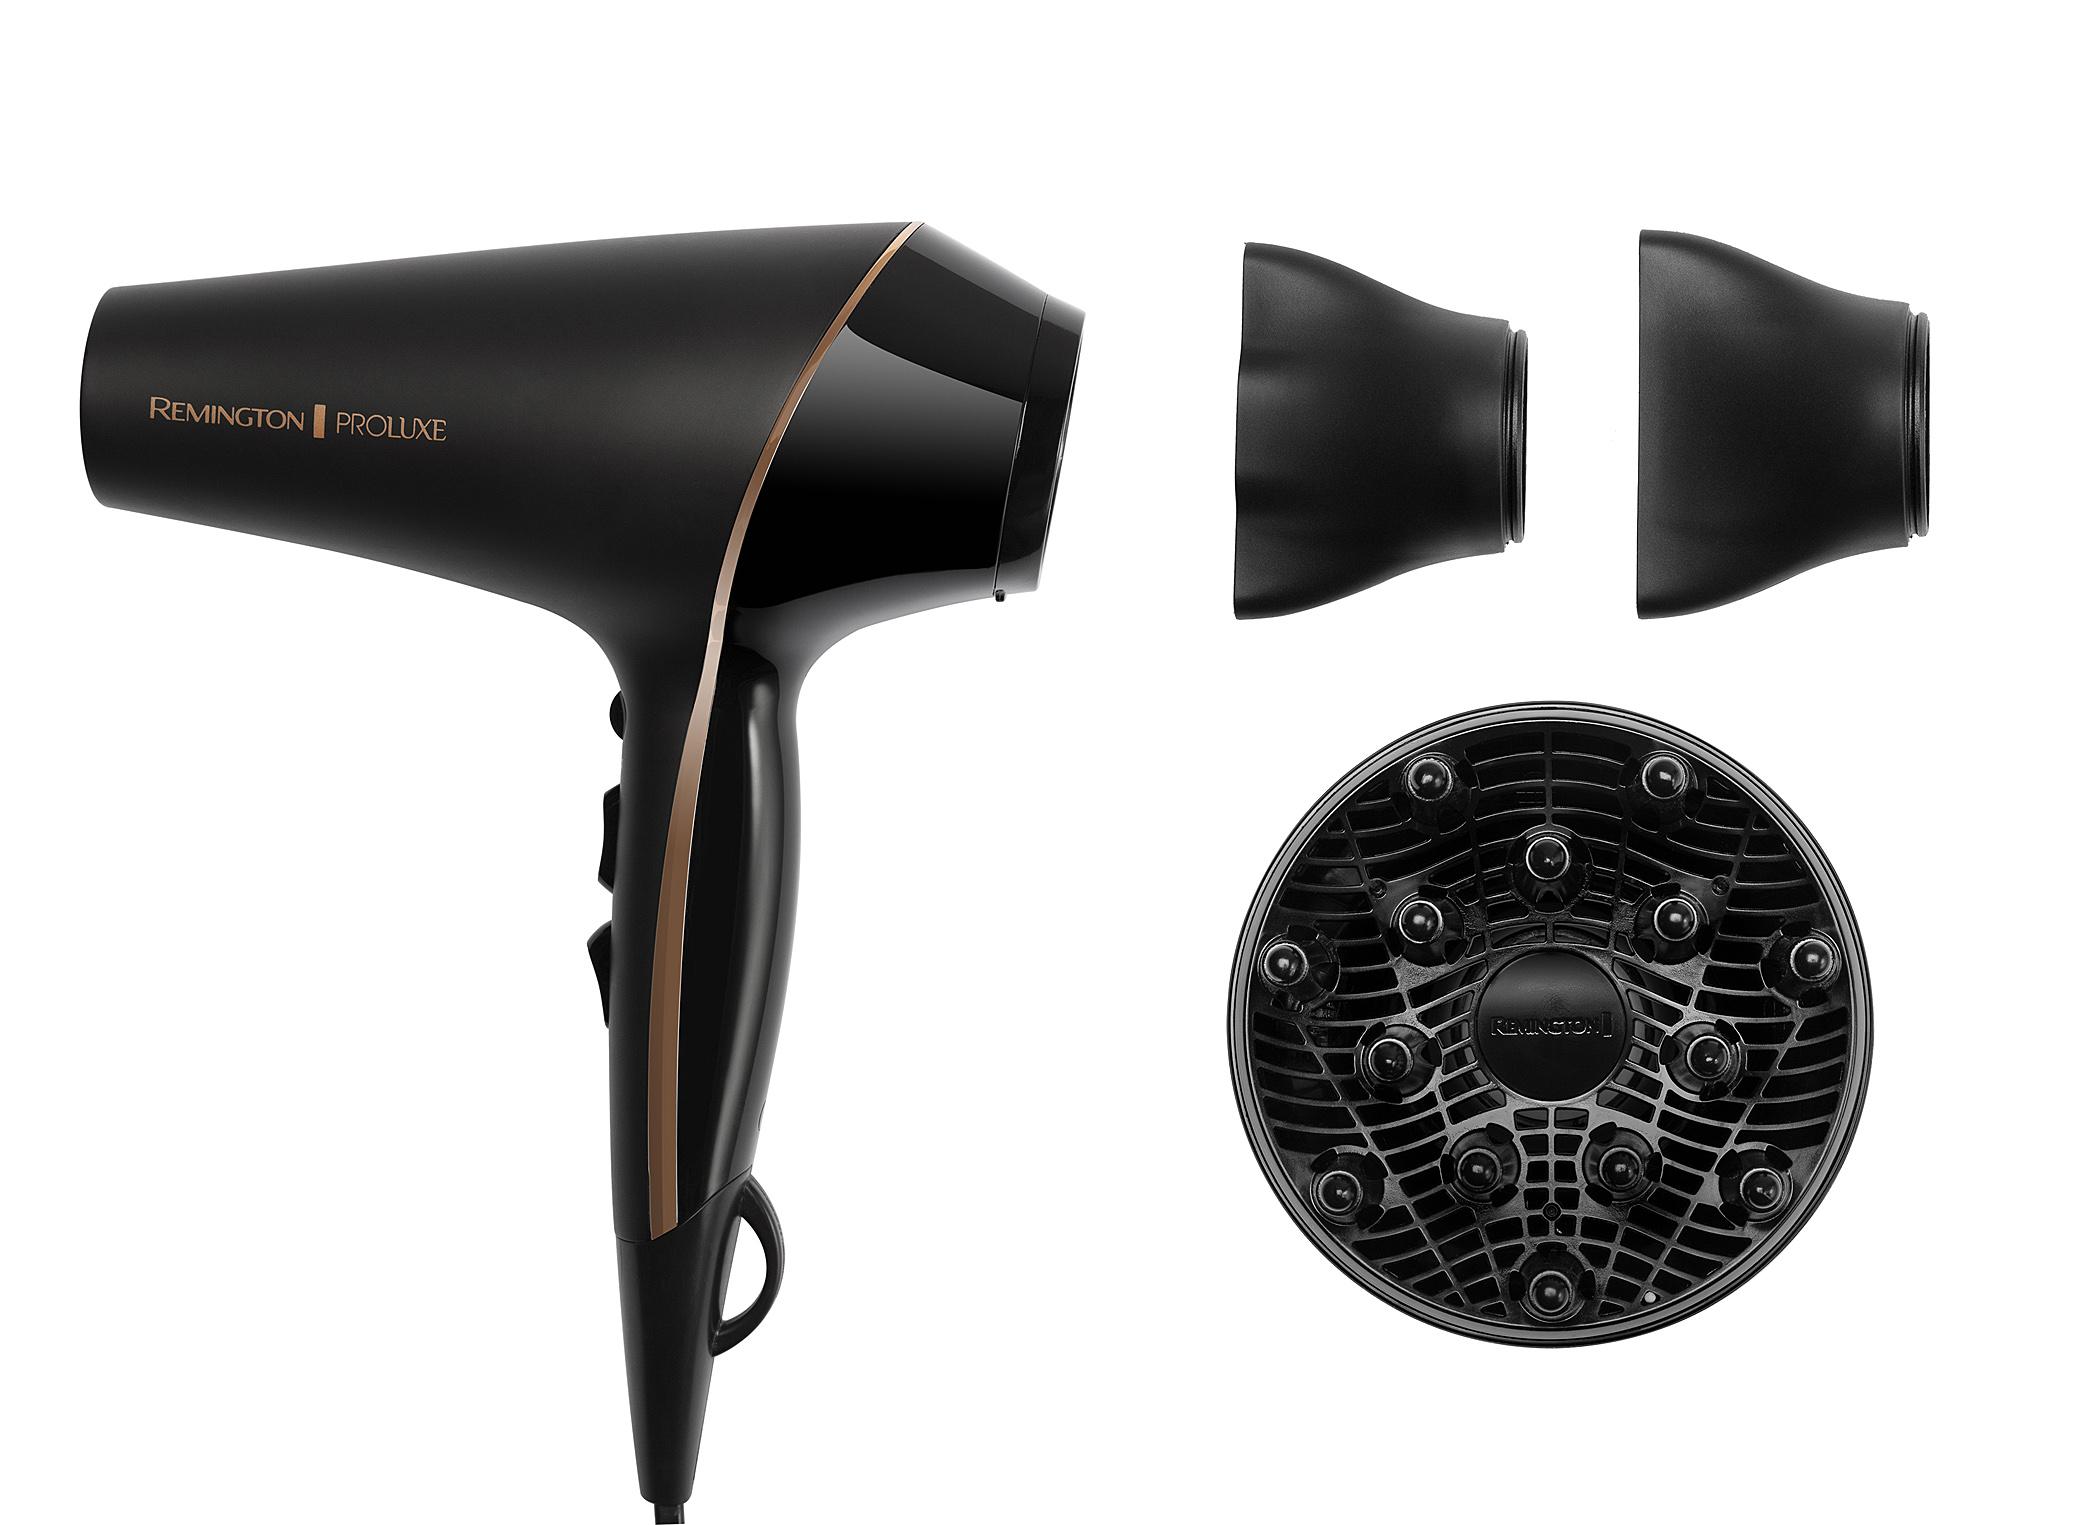 Remington PROluxe Haartrockner im Test es geht weiter mit